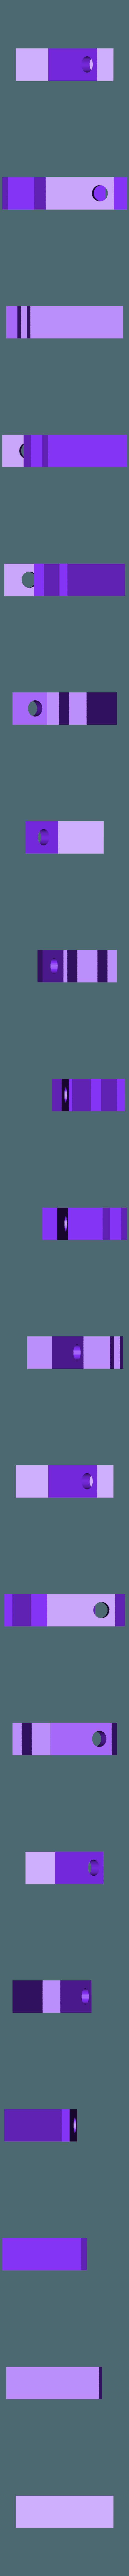 V3.STL Télécharger fichier STL gratuit S'il vous plaît, s'il vous plaît. • Design imprimable en 3D, Cipri8